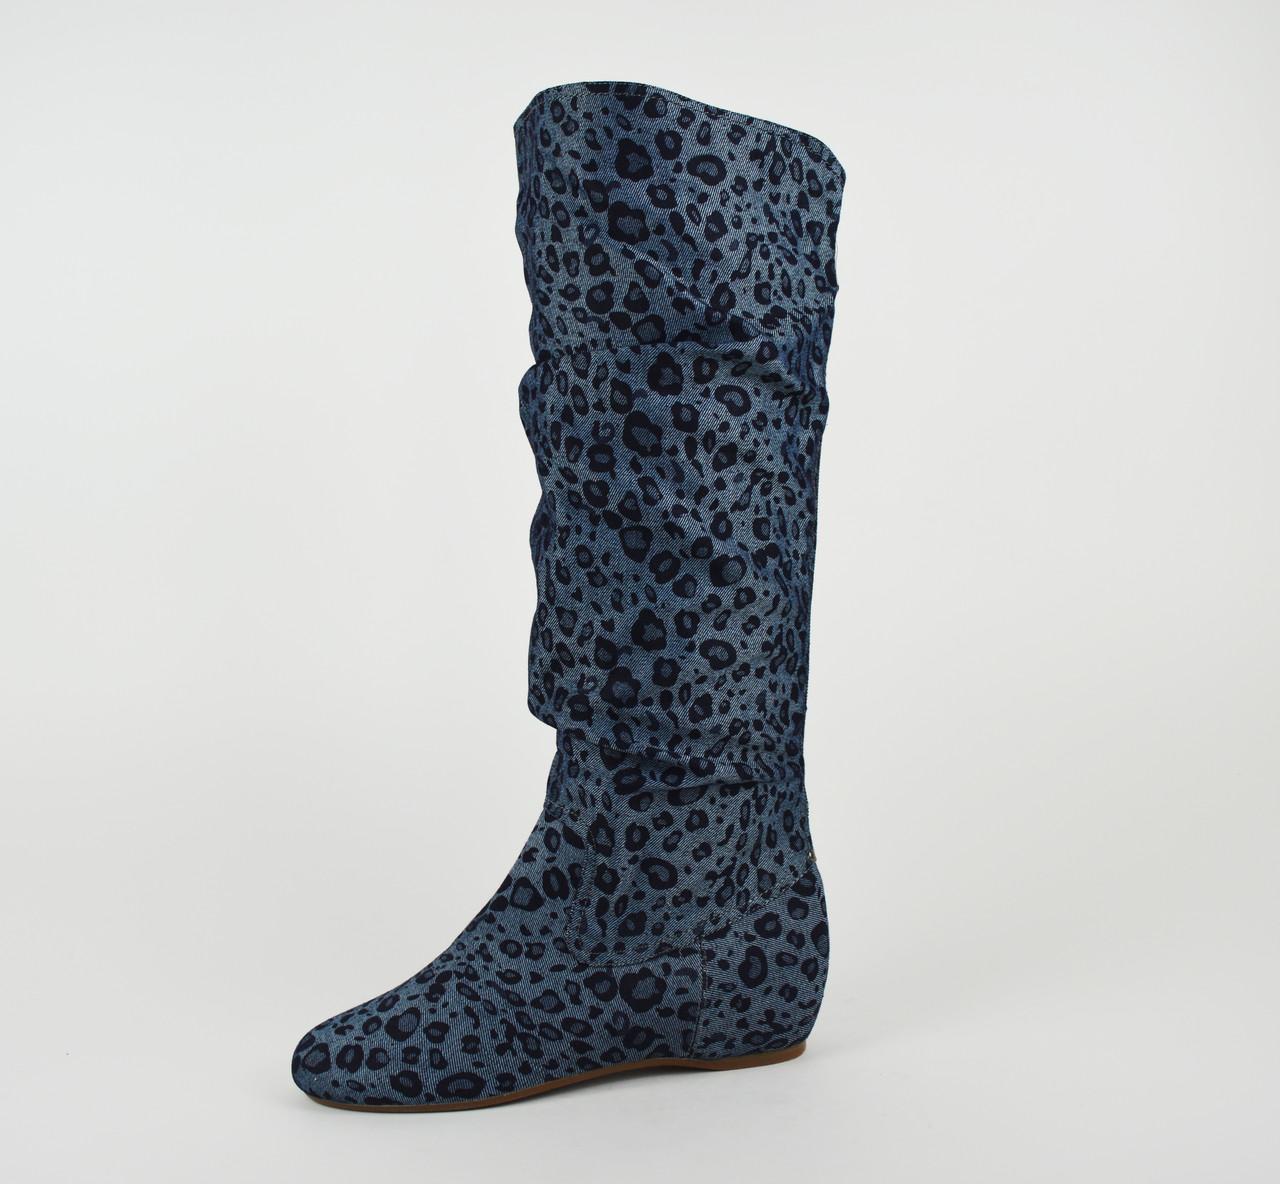 Сапоги джинс-текстиль Квин 195-003